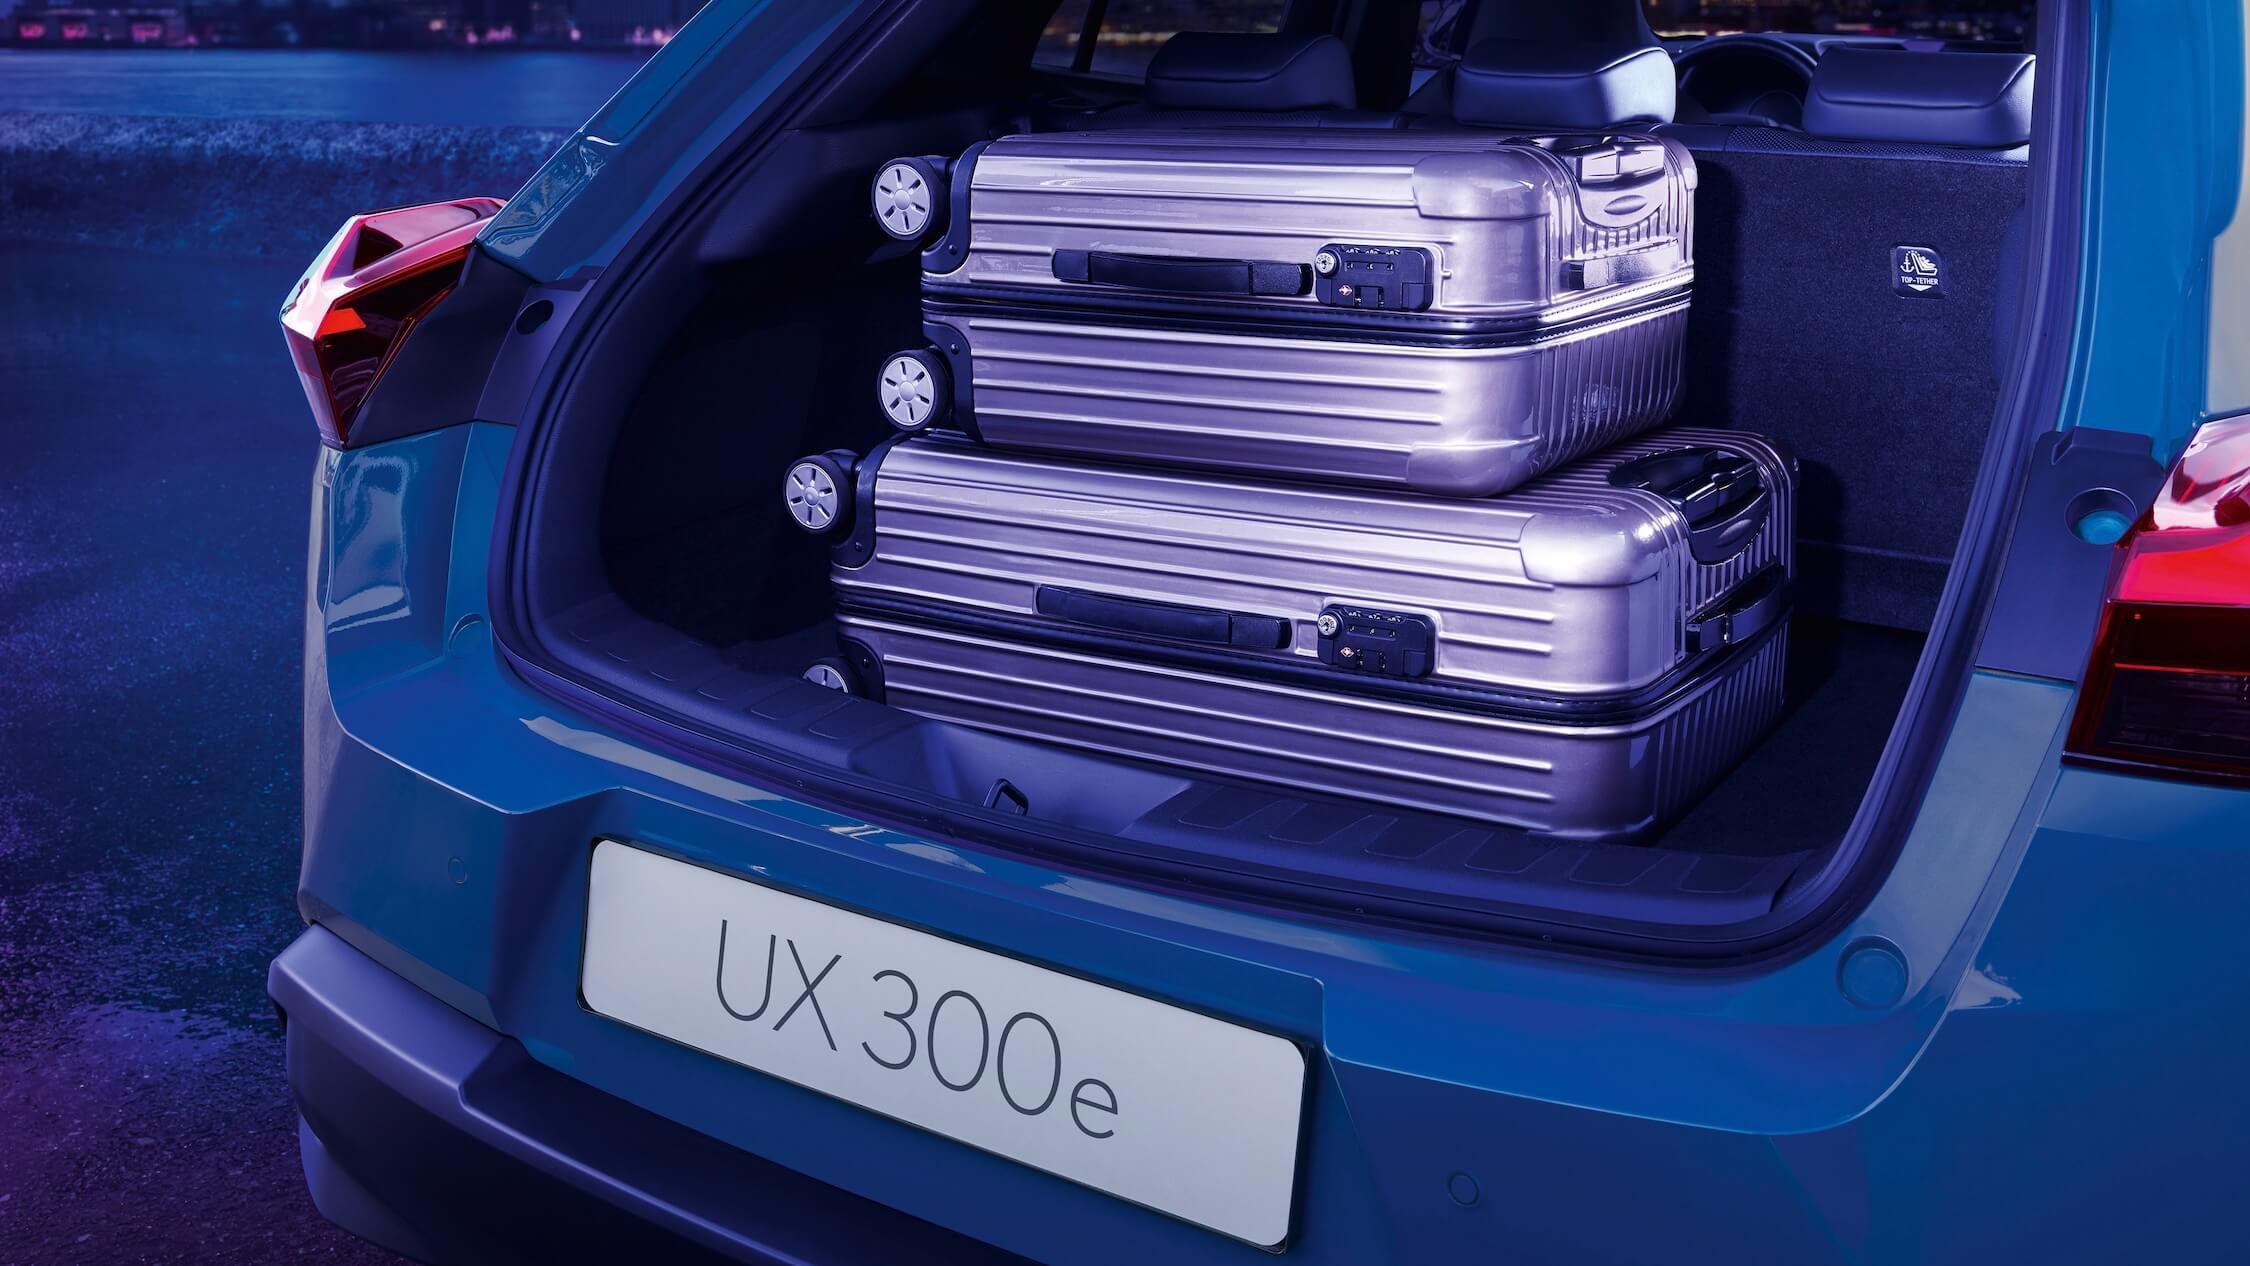 elektrische Lexus UX 300e laadruimte